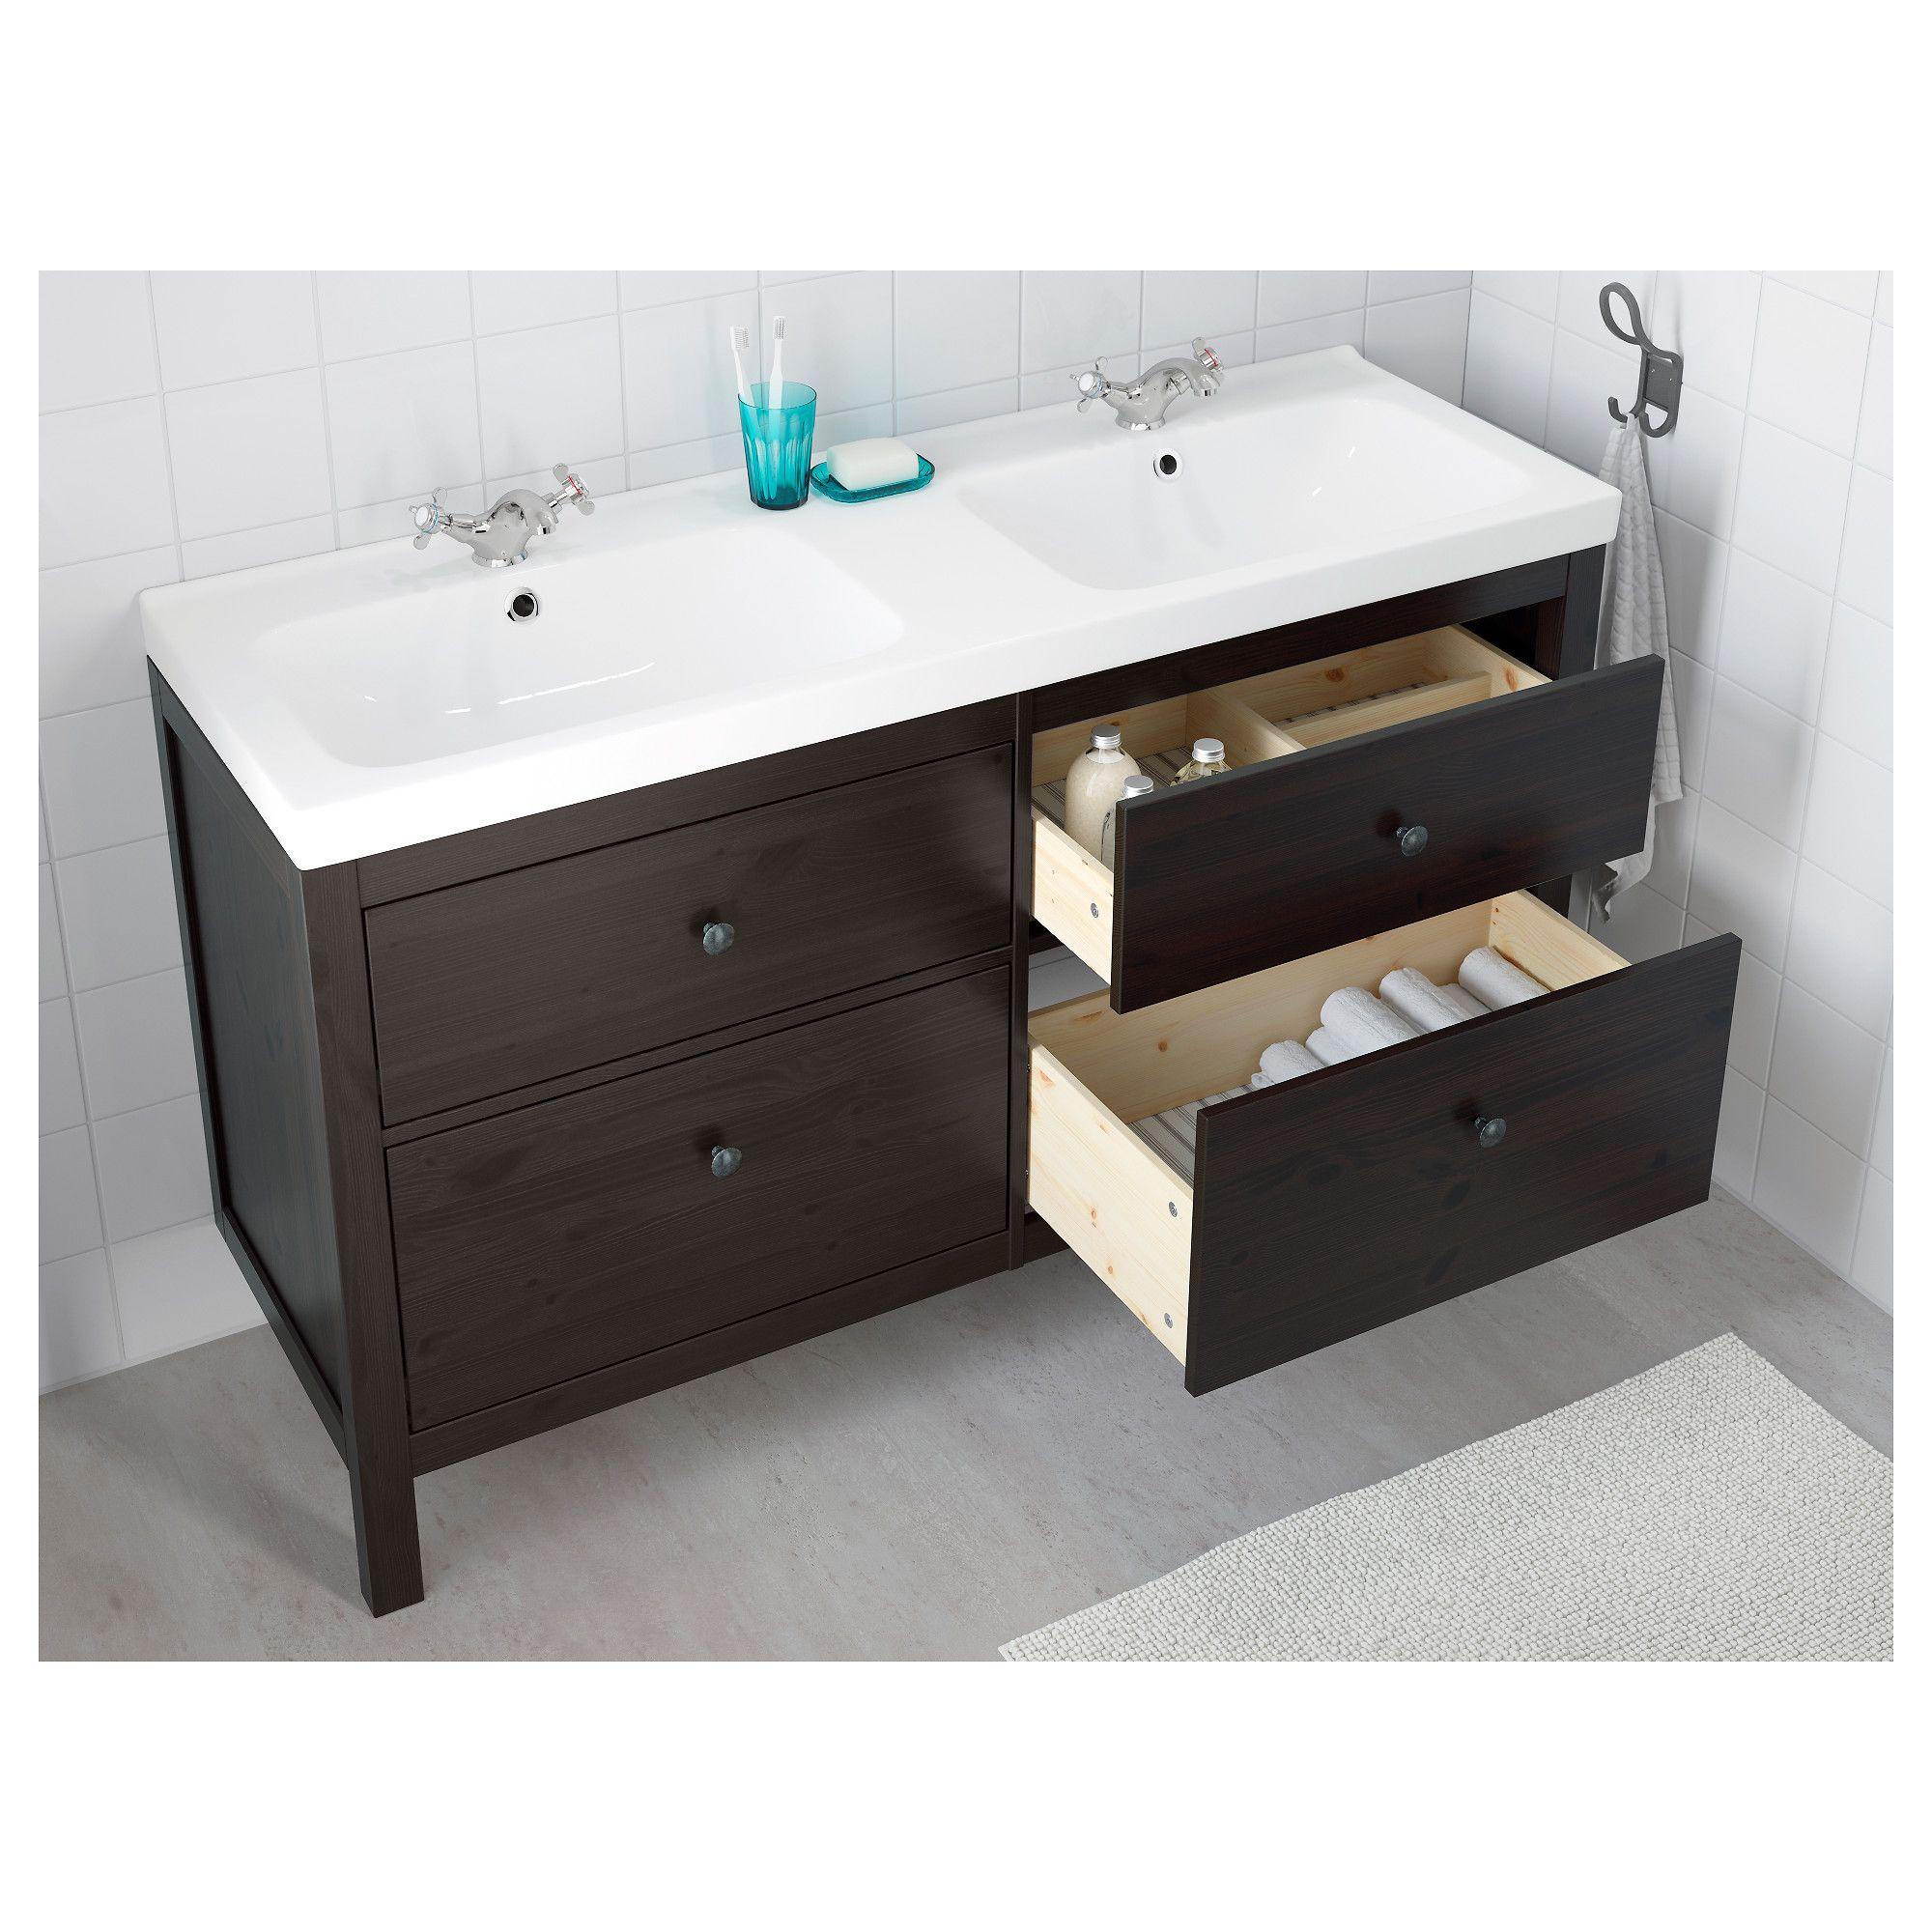 ikea hemnes bathroom vanity black brown stain ikea on ikea bathroom vanities id=83898